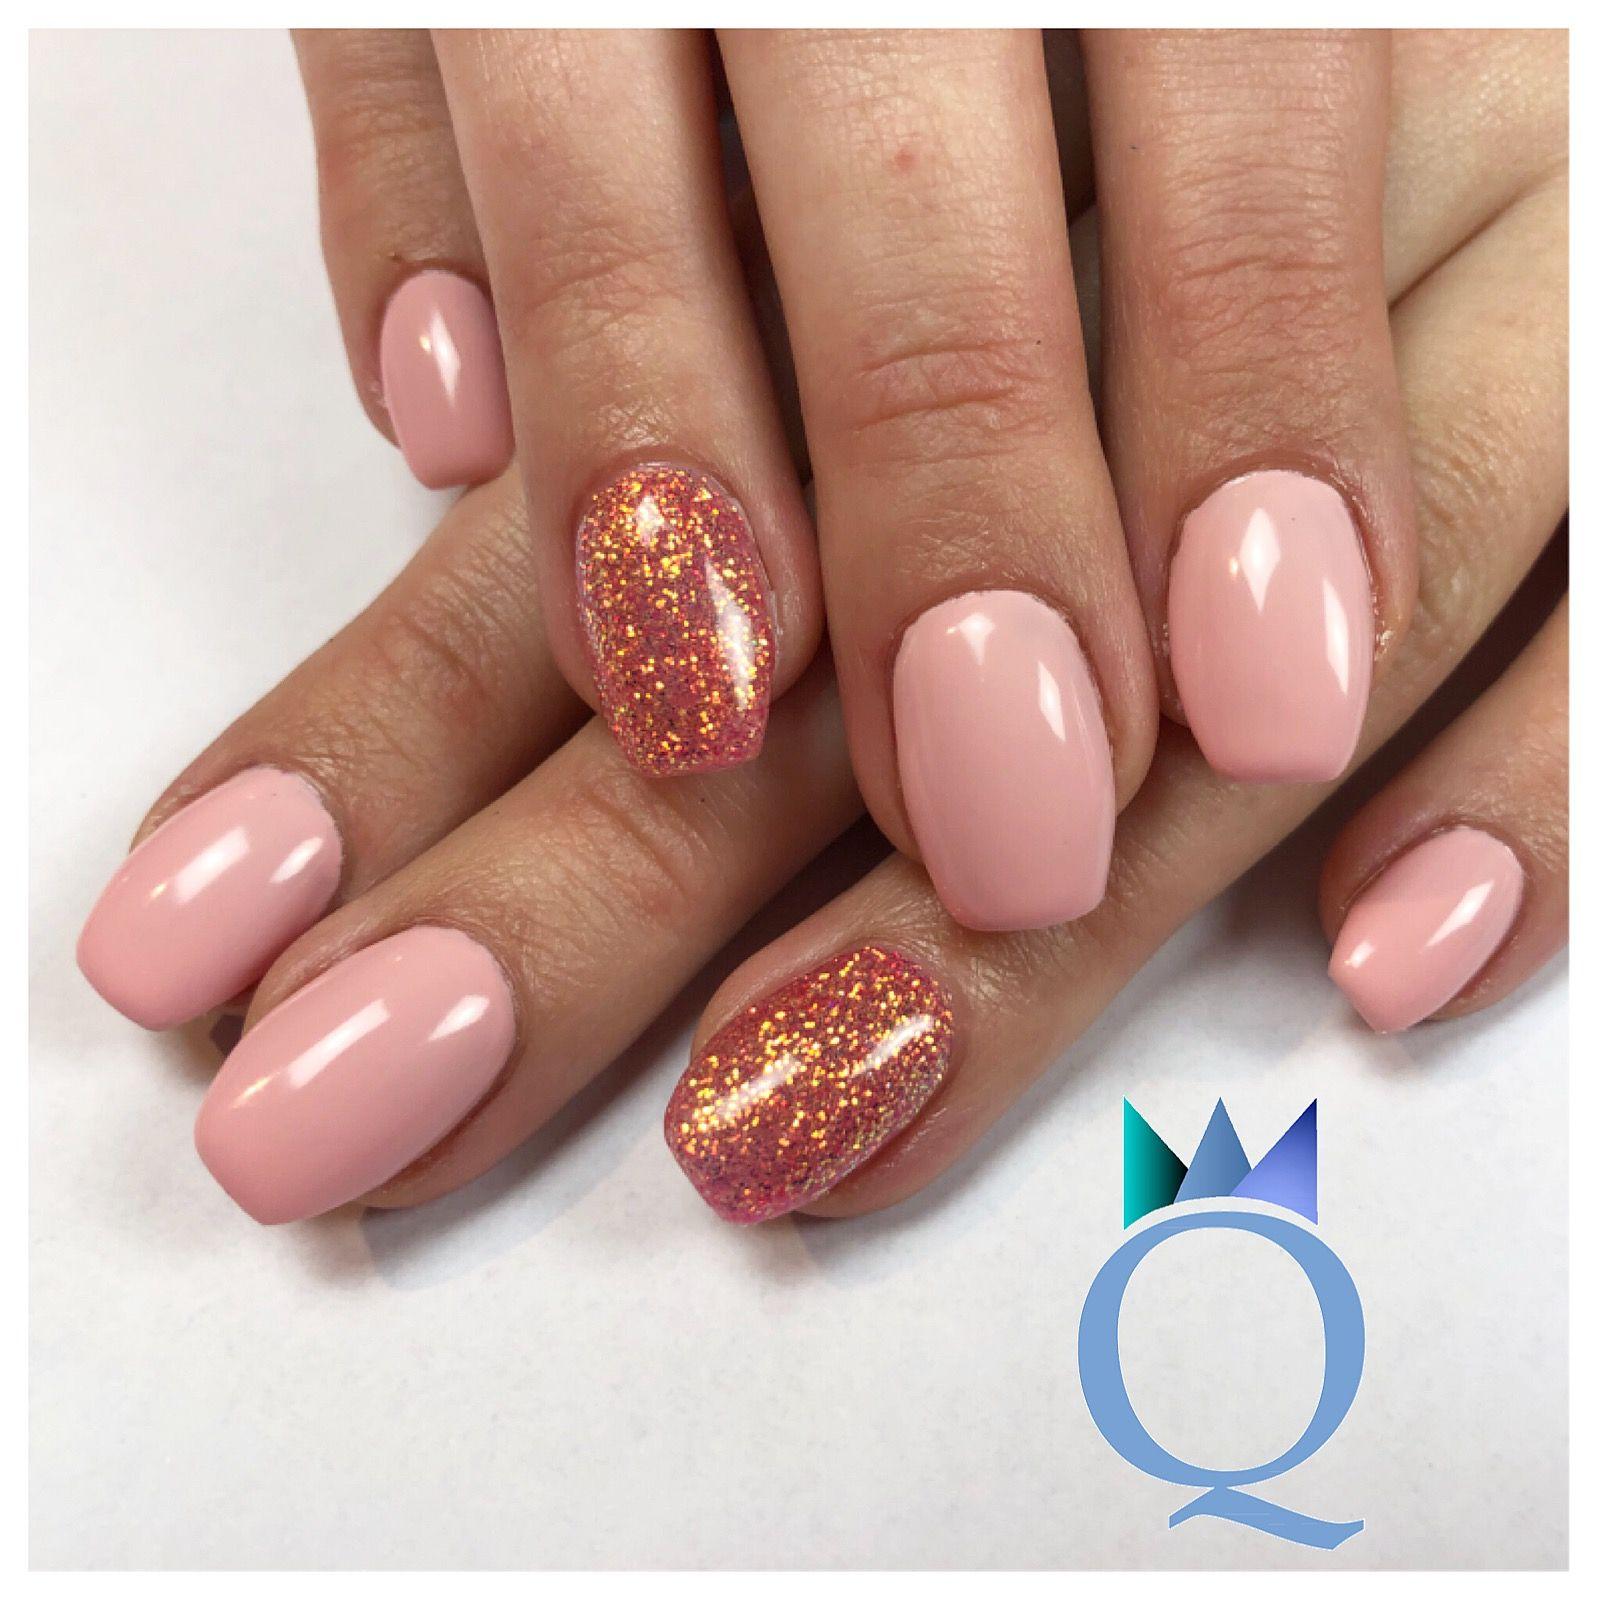 Einzigartig Nageldesign Sommer 2017 Ideen Von #coffinnails #gelnails #nails #pink #glitter #ballerinaform #gelnägel